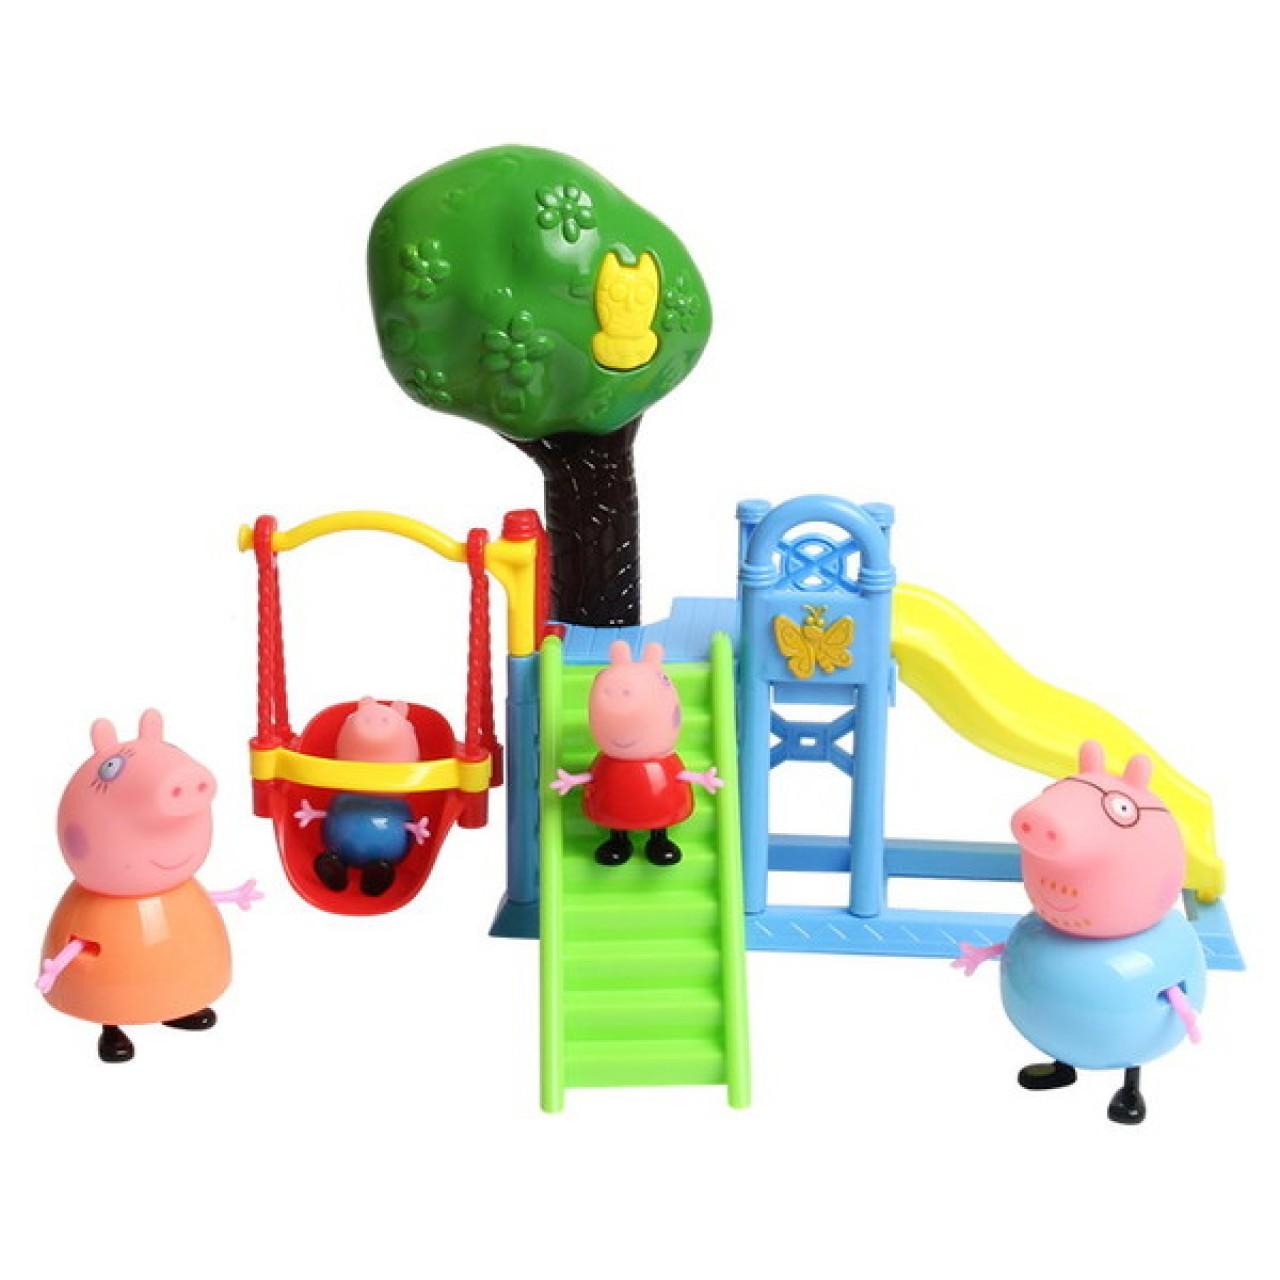 Интерактивный набор Семья Свинки Пеппа на игровой площадке